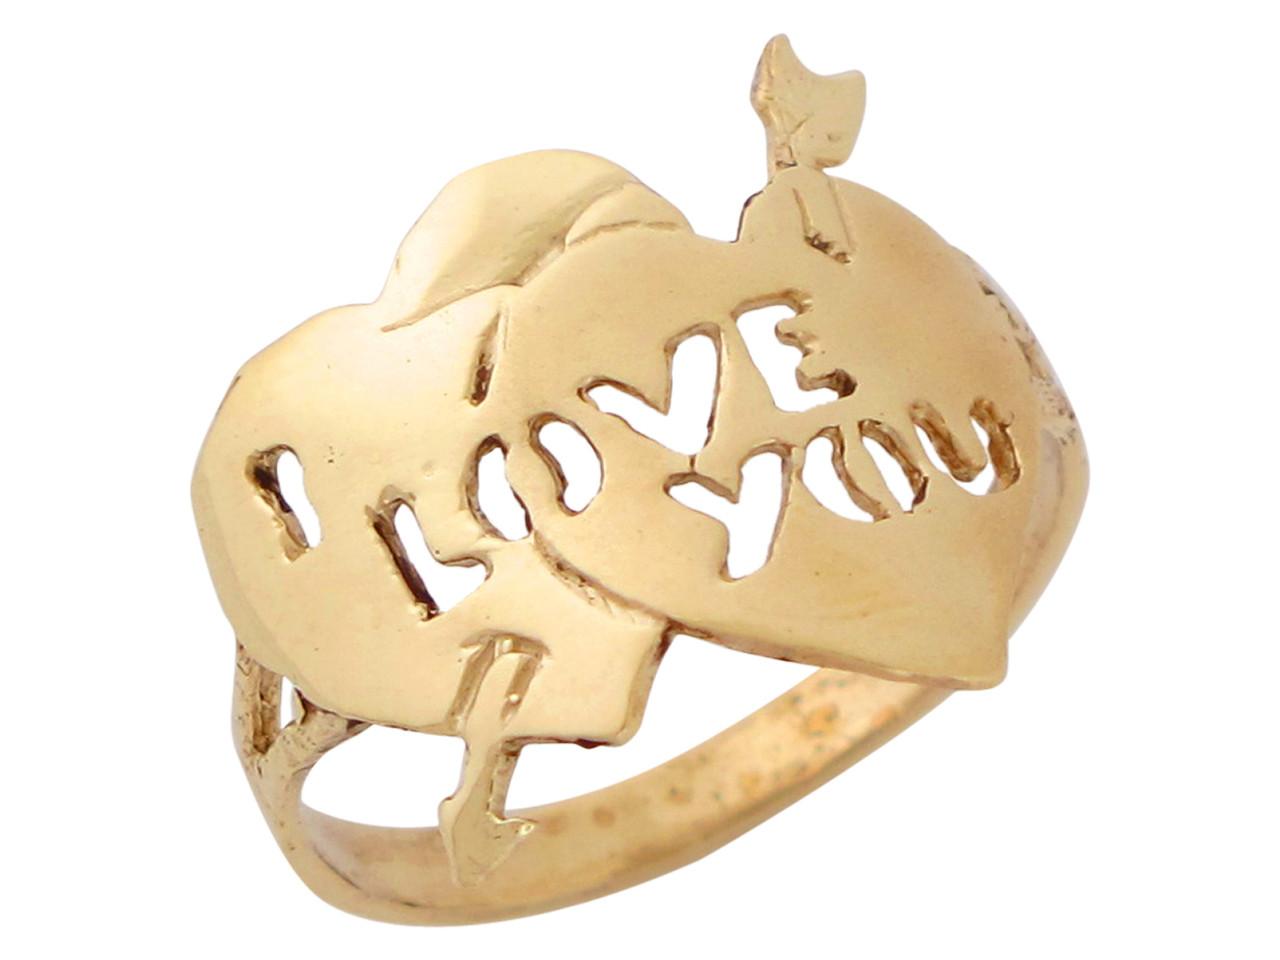 Anillo De Alto Brillo Con Dos Corazones Y Frase I Love You En Oro Amarillo Om10364